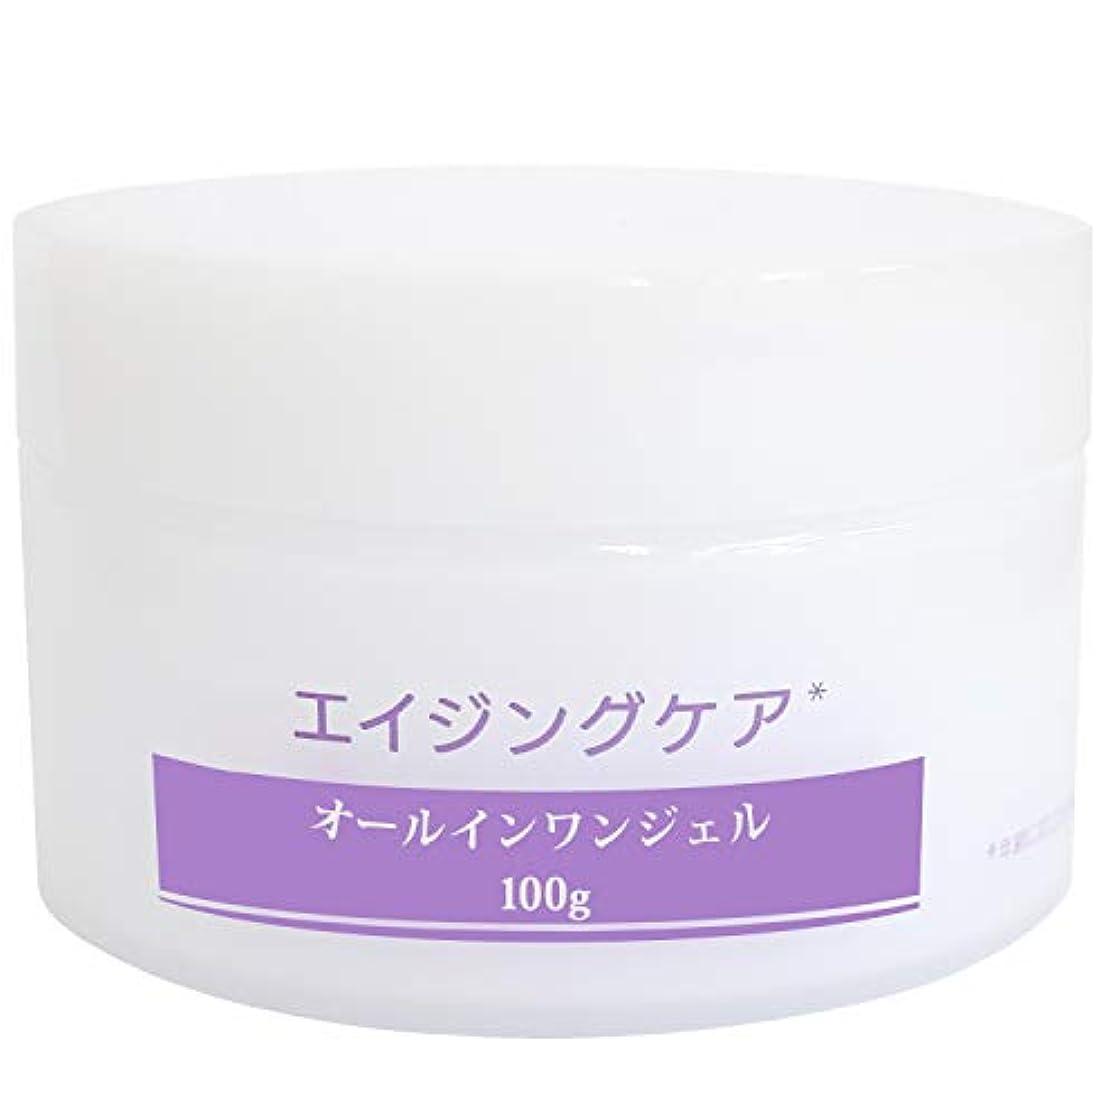 薄汚いグレード制限されたオールインワンジェル メンズ 化粧水 美容液 保湿クリーム オールインワン エイジングケア スキンケア リンクルケア 男性 乾燥小じわを目立たなくする 大容量 100g